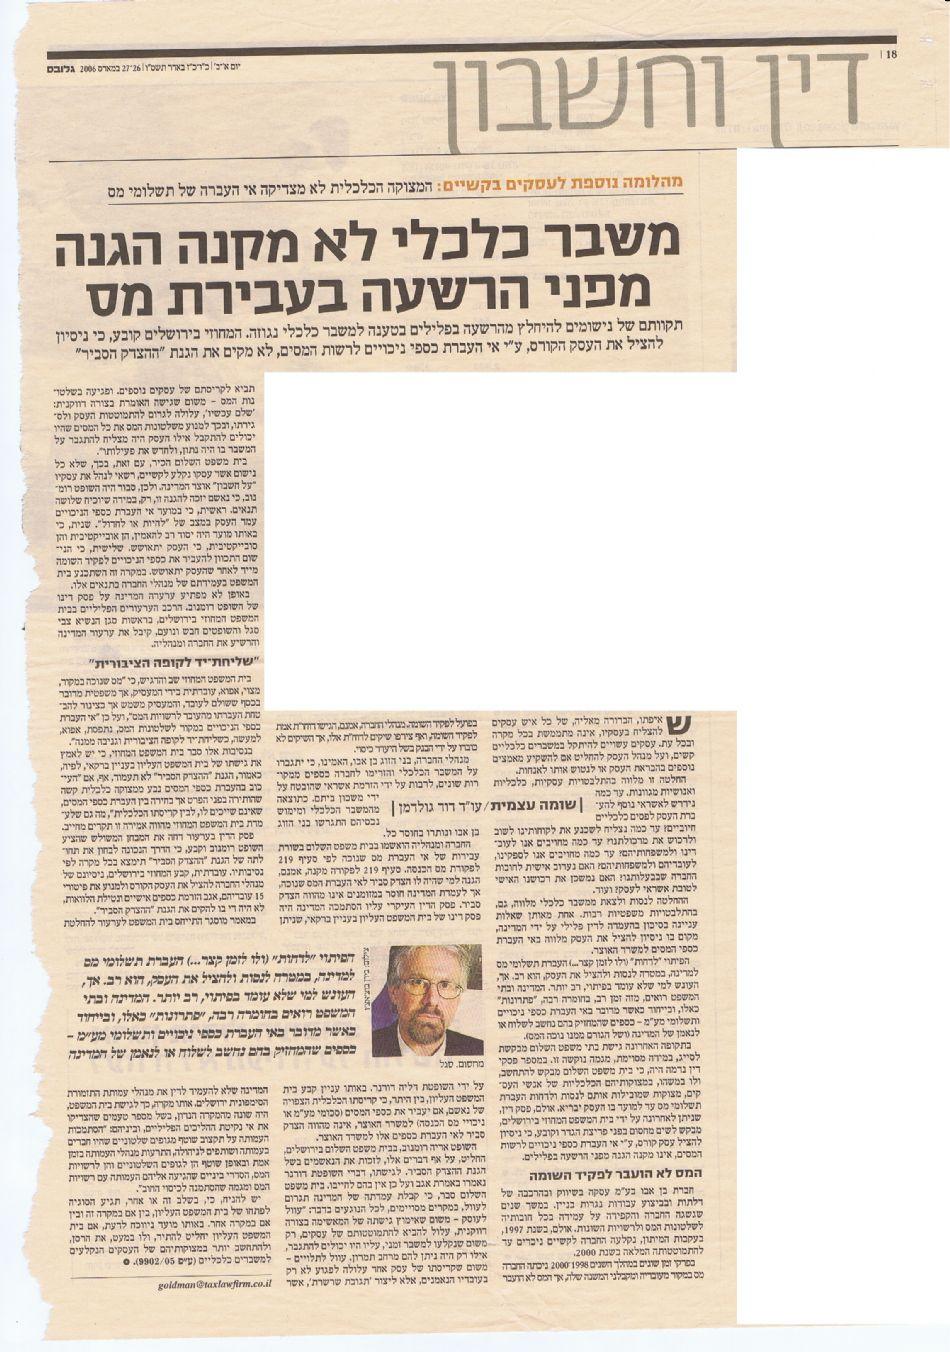 """משבר כלכלי לא מקנה הגנה מפני הרשעה בעבירת מס, עו""""ד דוד גולדמן"""